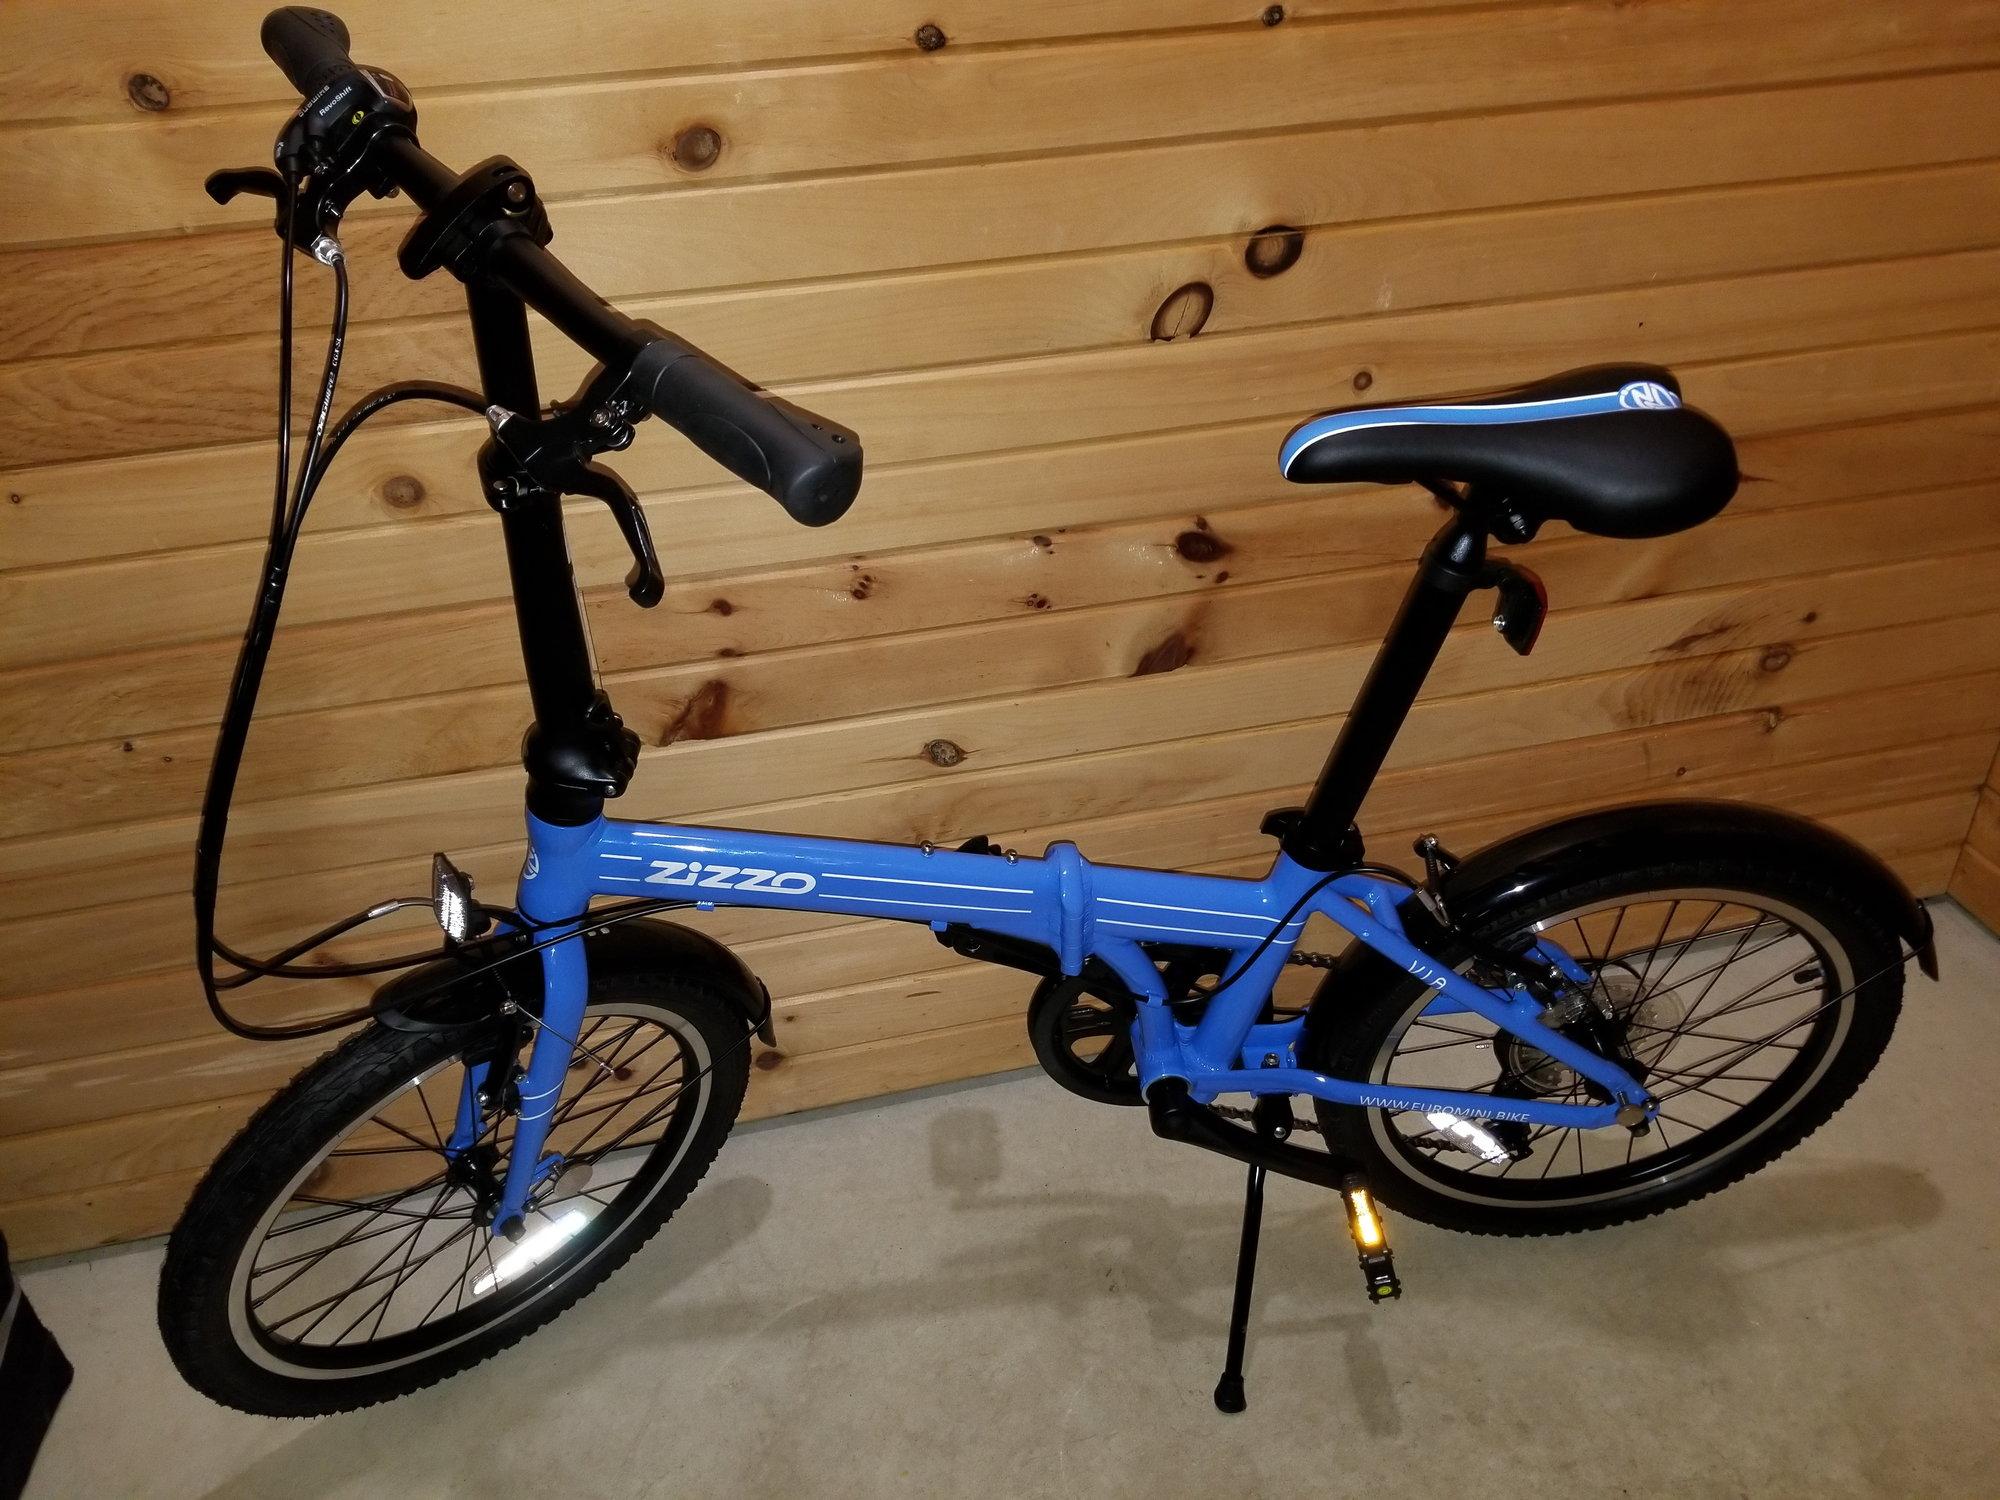 Zizzo Libert Eacute 20 Inch 8 Speed Folding Bicycle Bed Bath Beyond